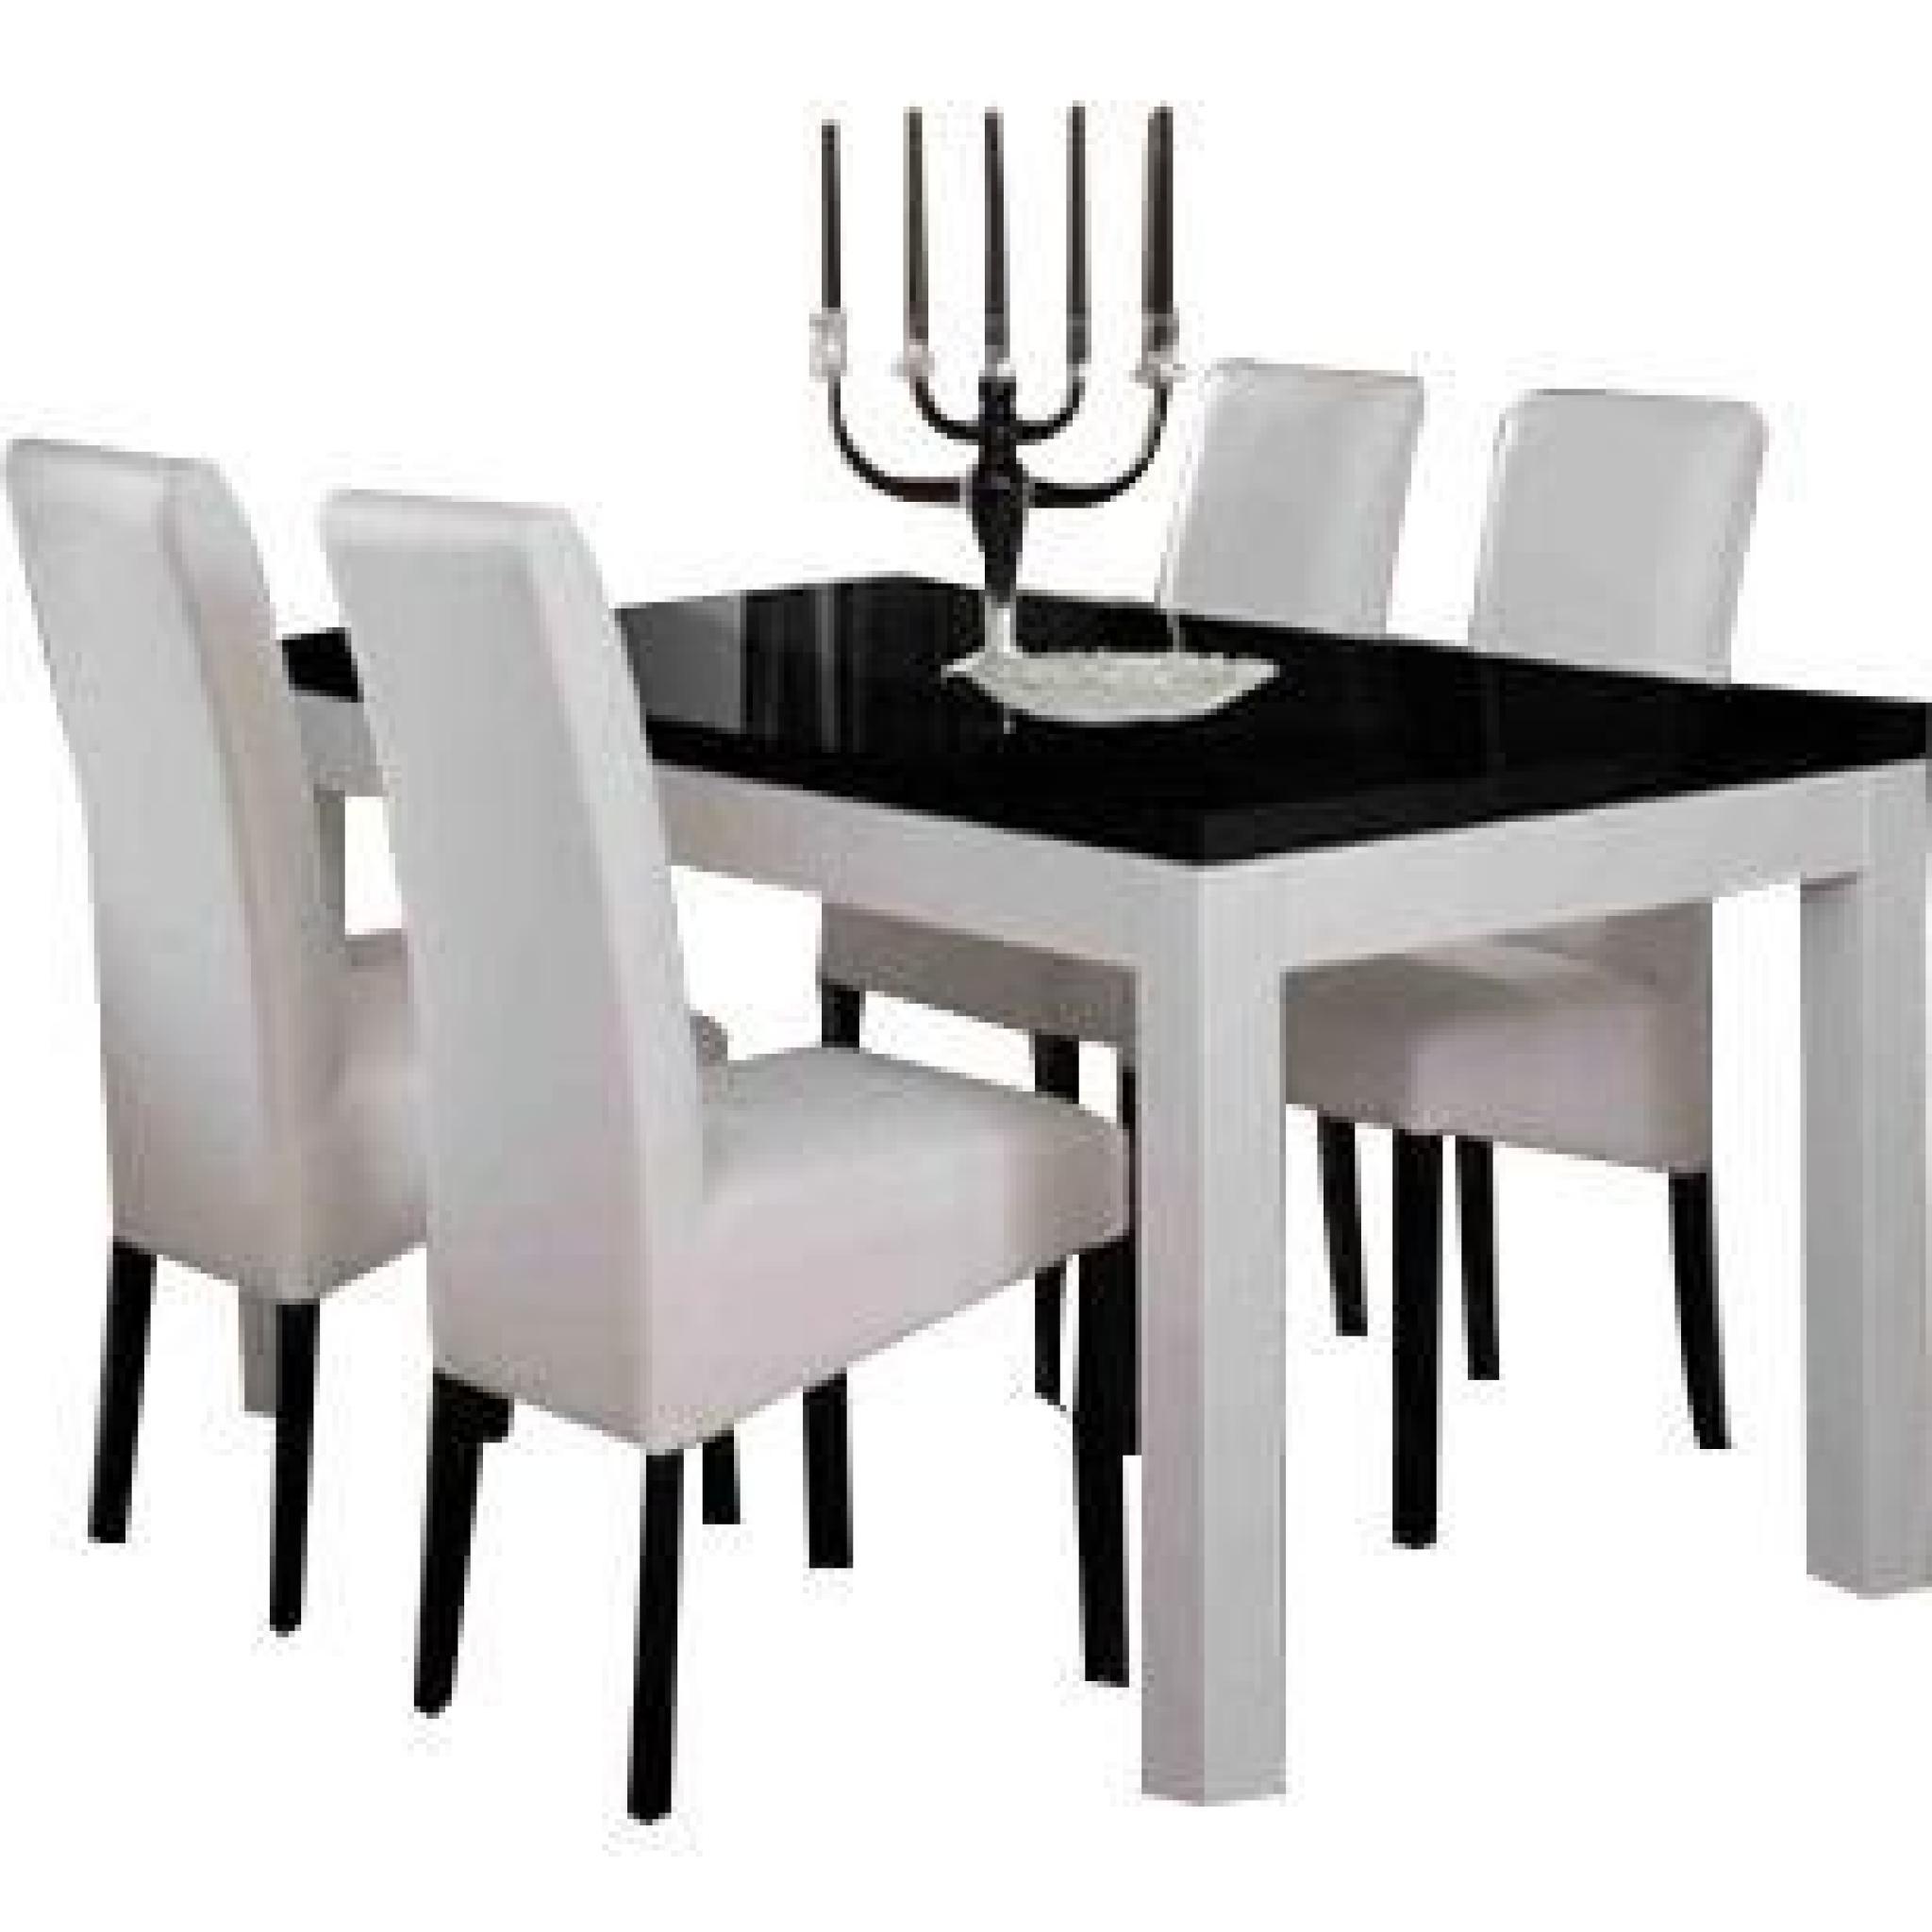 Table 160 cm blanc et noir + 4 chaises coloris blanc et noir